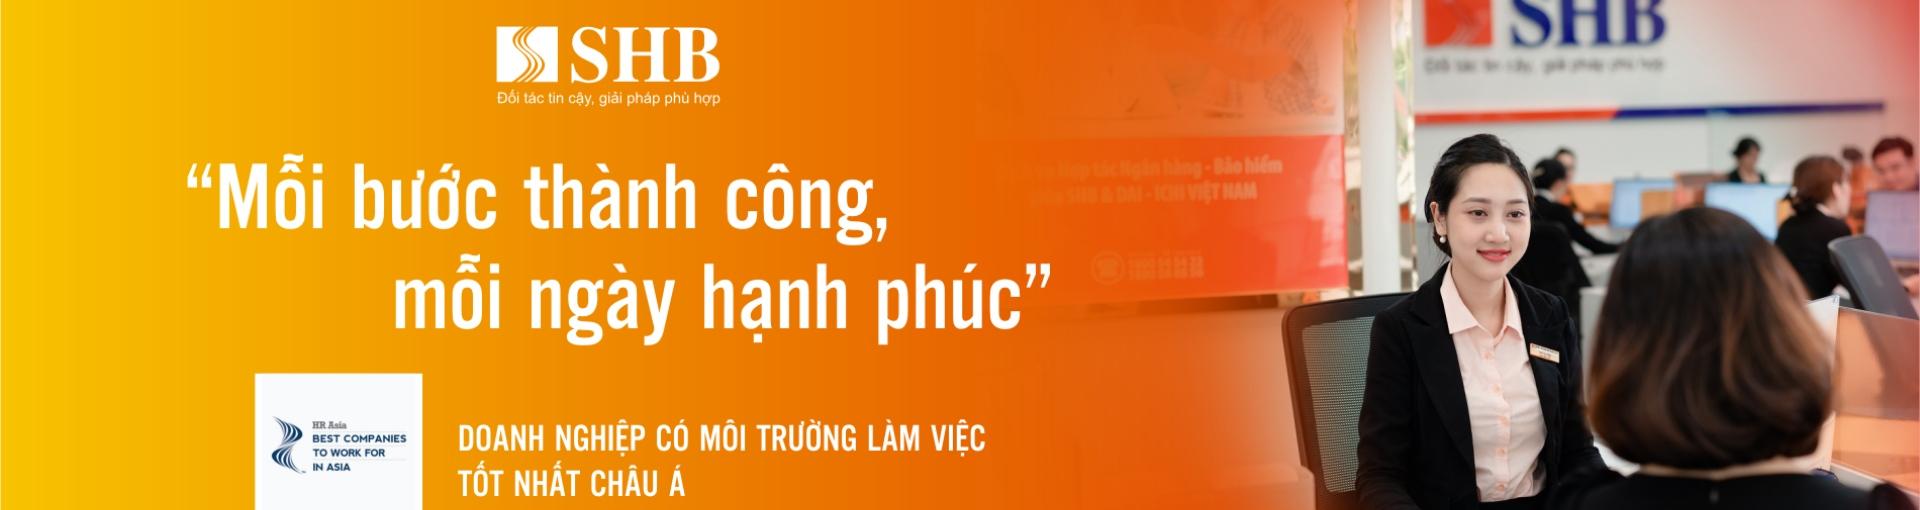 Việc làm tại Ngân hàng TMCP Sài Gòn - Hà Nội (SHB)